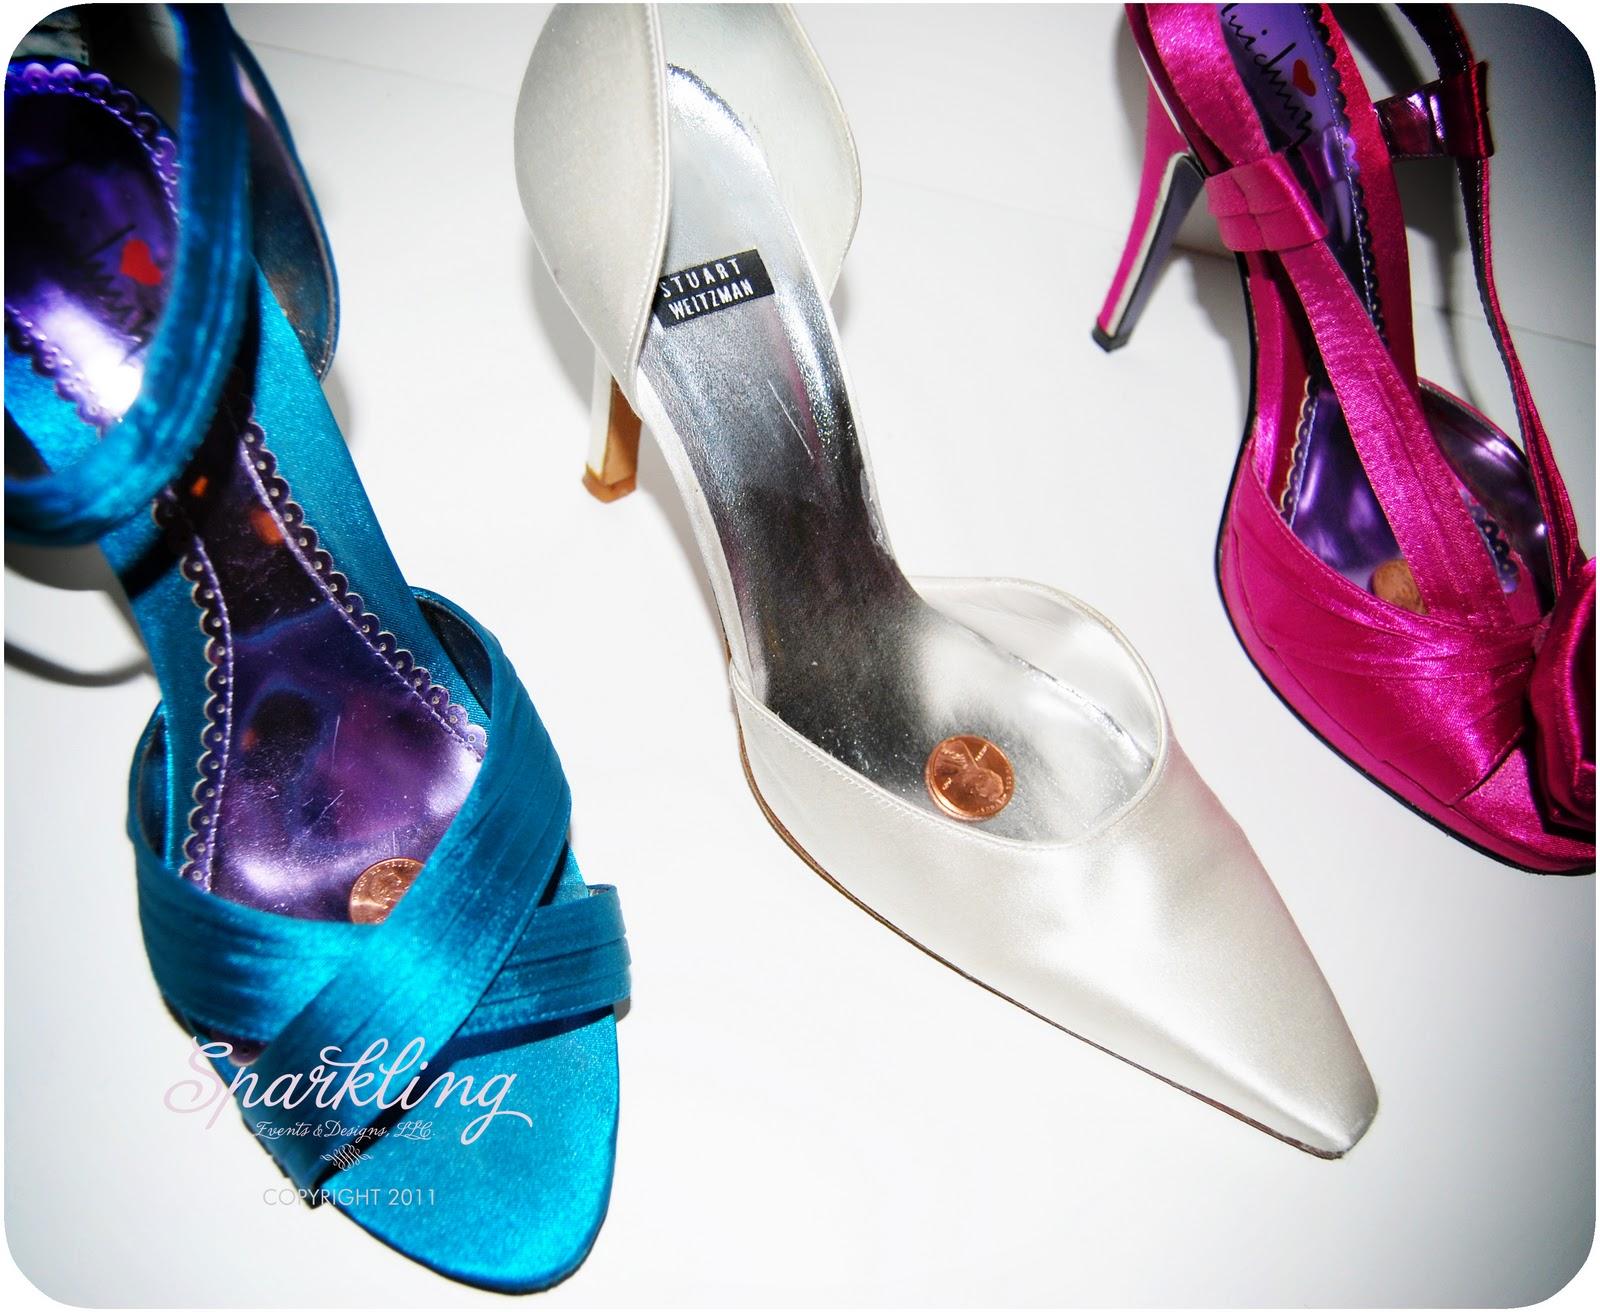 http://2.bp.blogspot.com/_bZpzjZ2cdYo/TSp_KUT3hVI/AAAAAAAAB6w/rCJwBroUywg/s1600/shoes.jpg